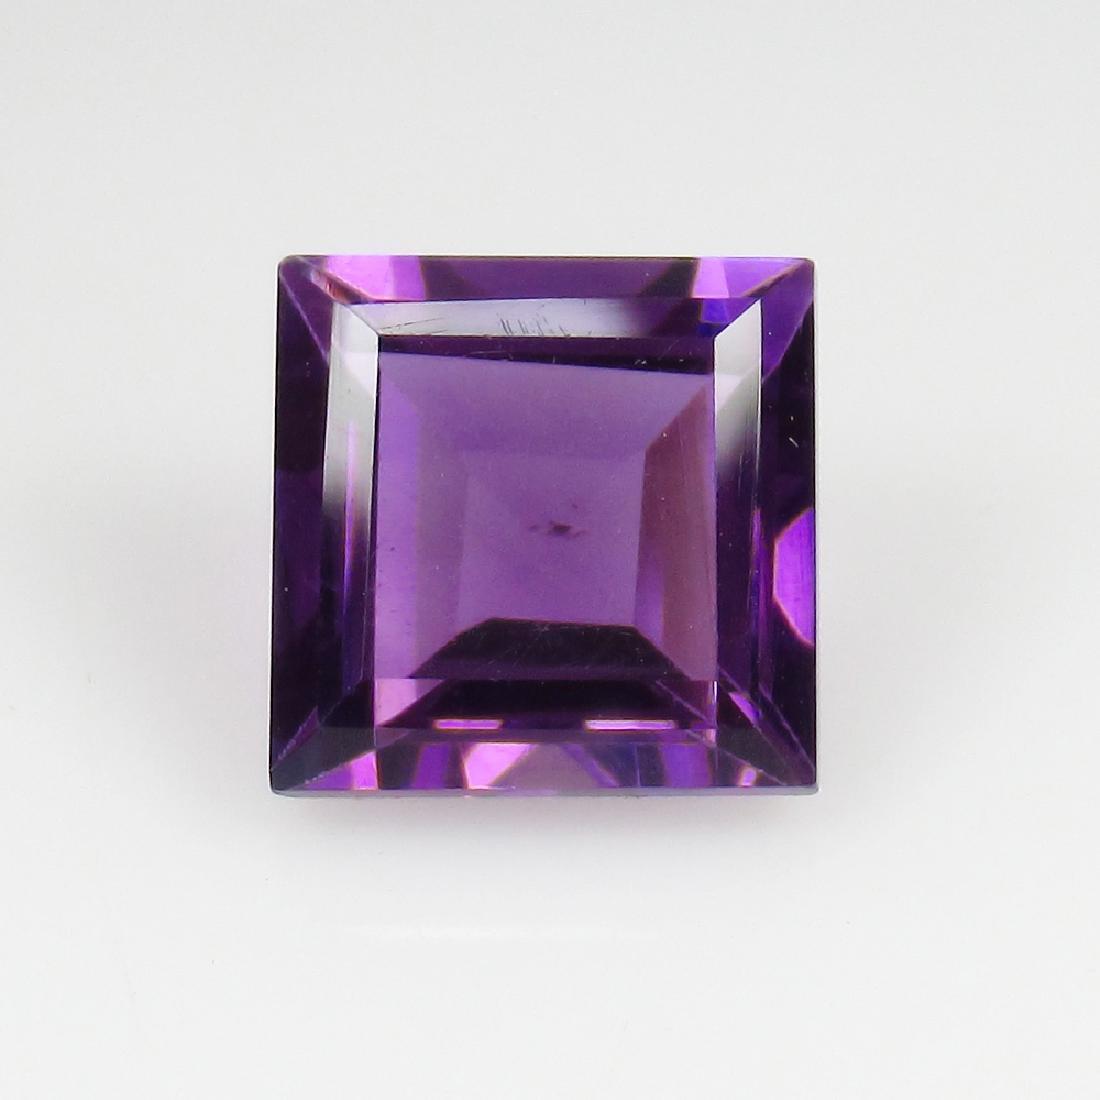 3.17 Ct Genuine Loose Deep Purple Amethyst 8.8 mm